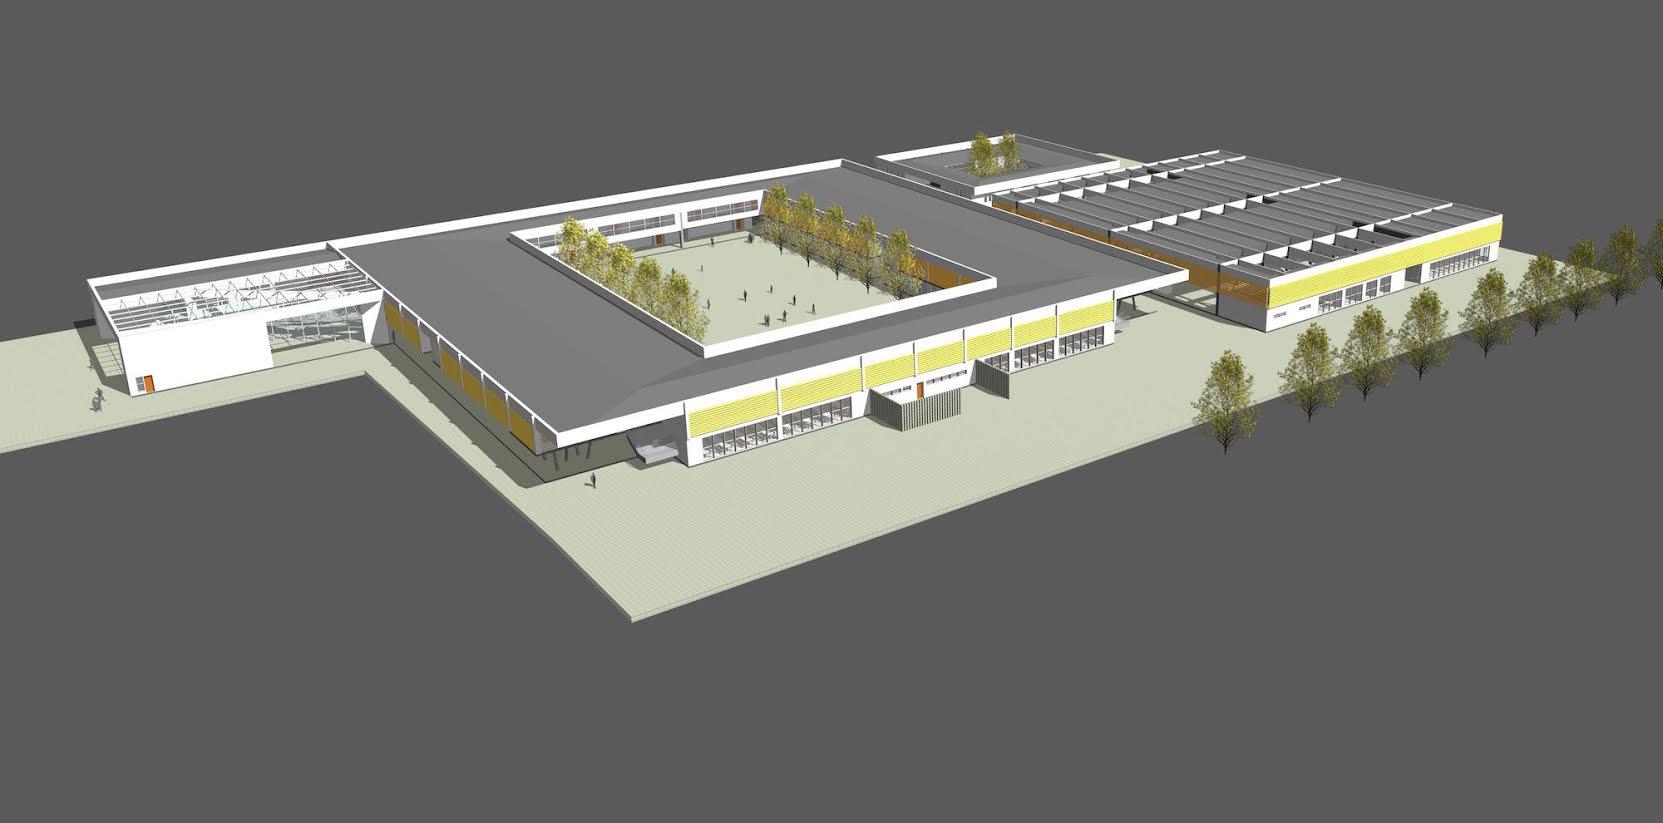 Diseño de normalización de Liceo Manuel Montt será entregado dentro de los próximos meses